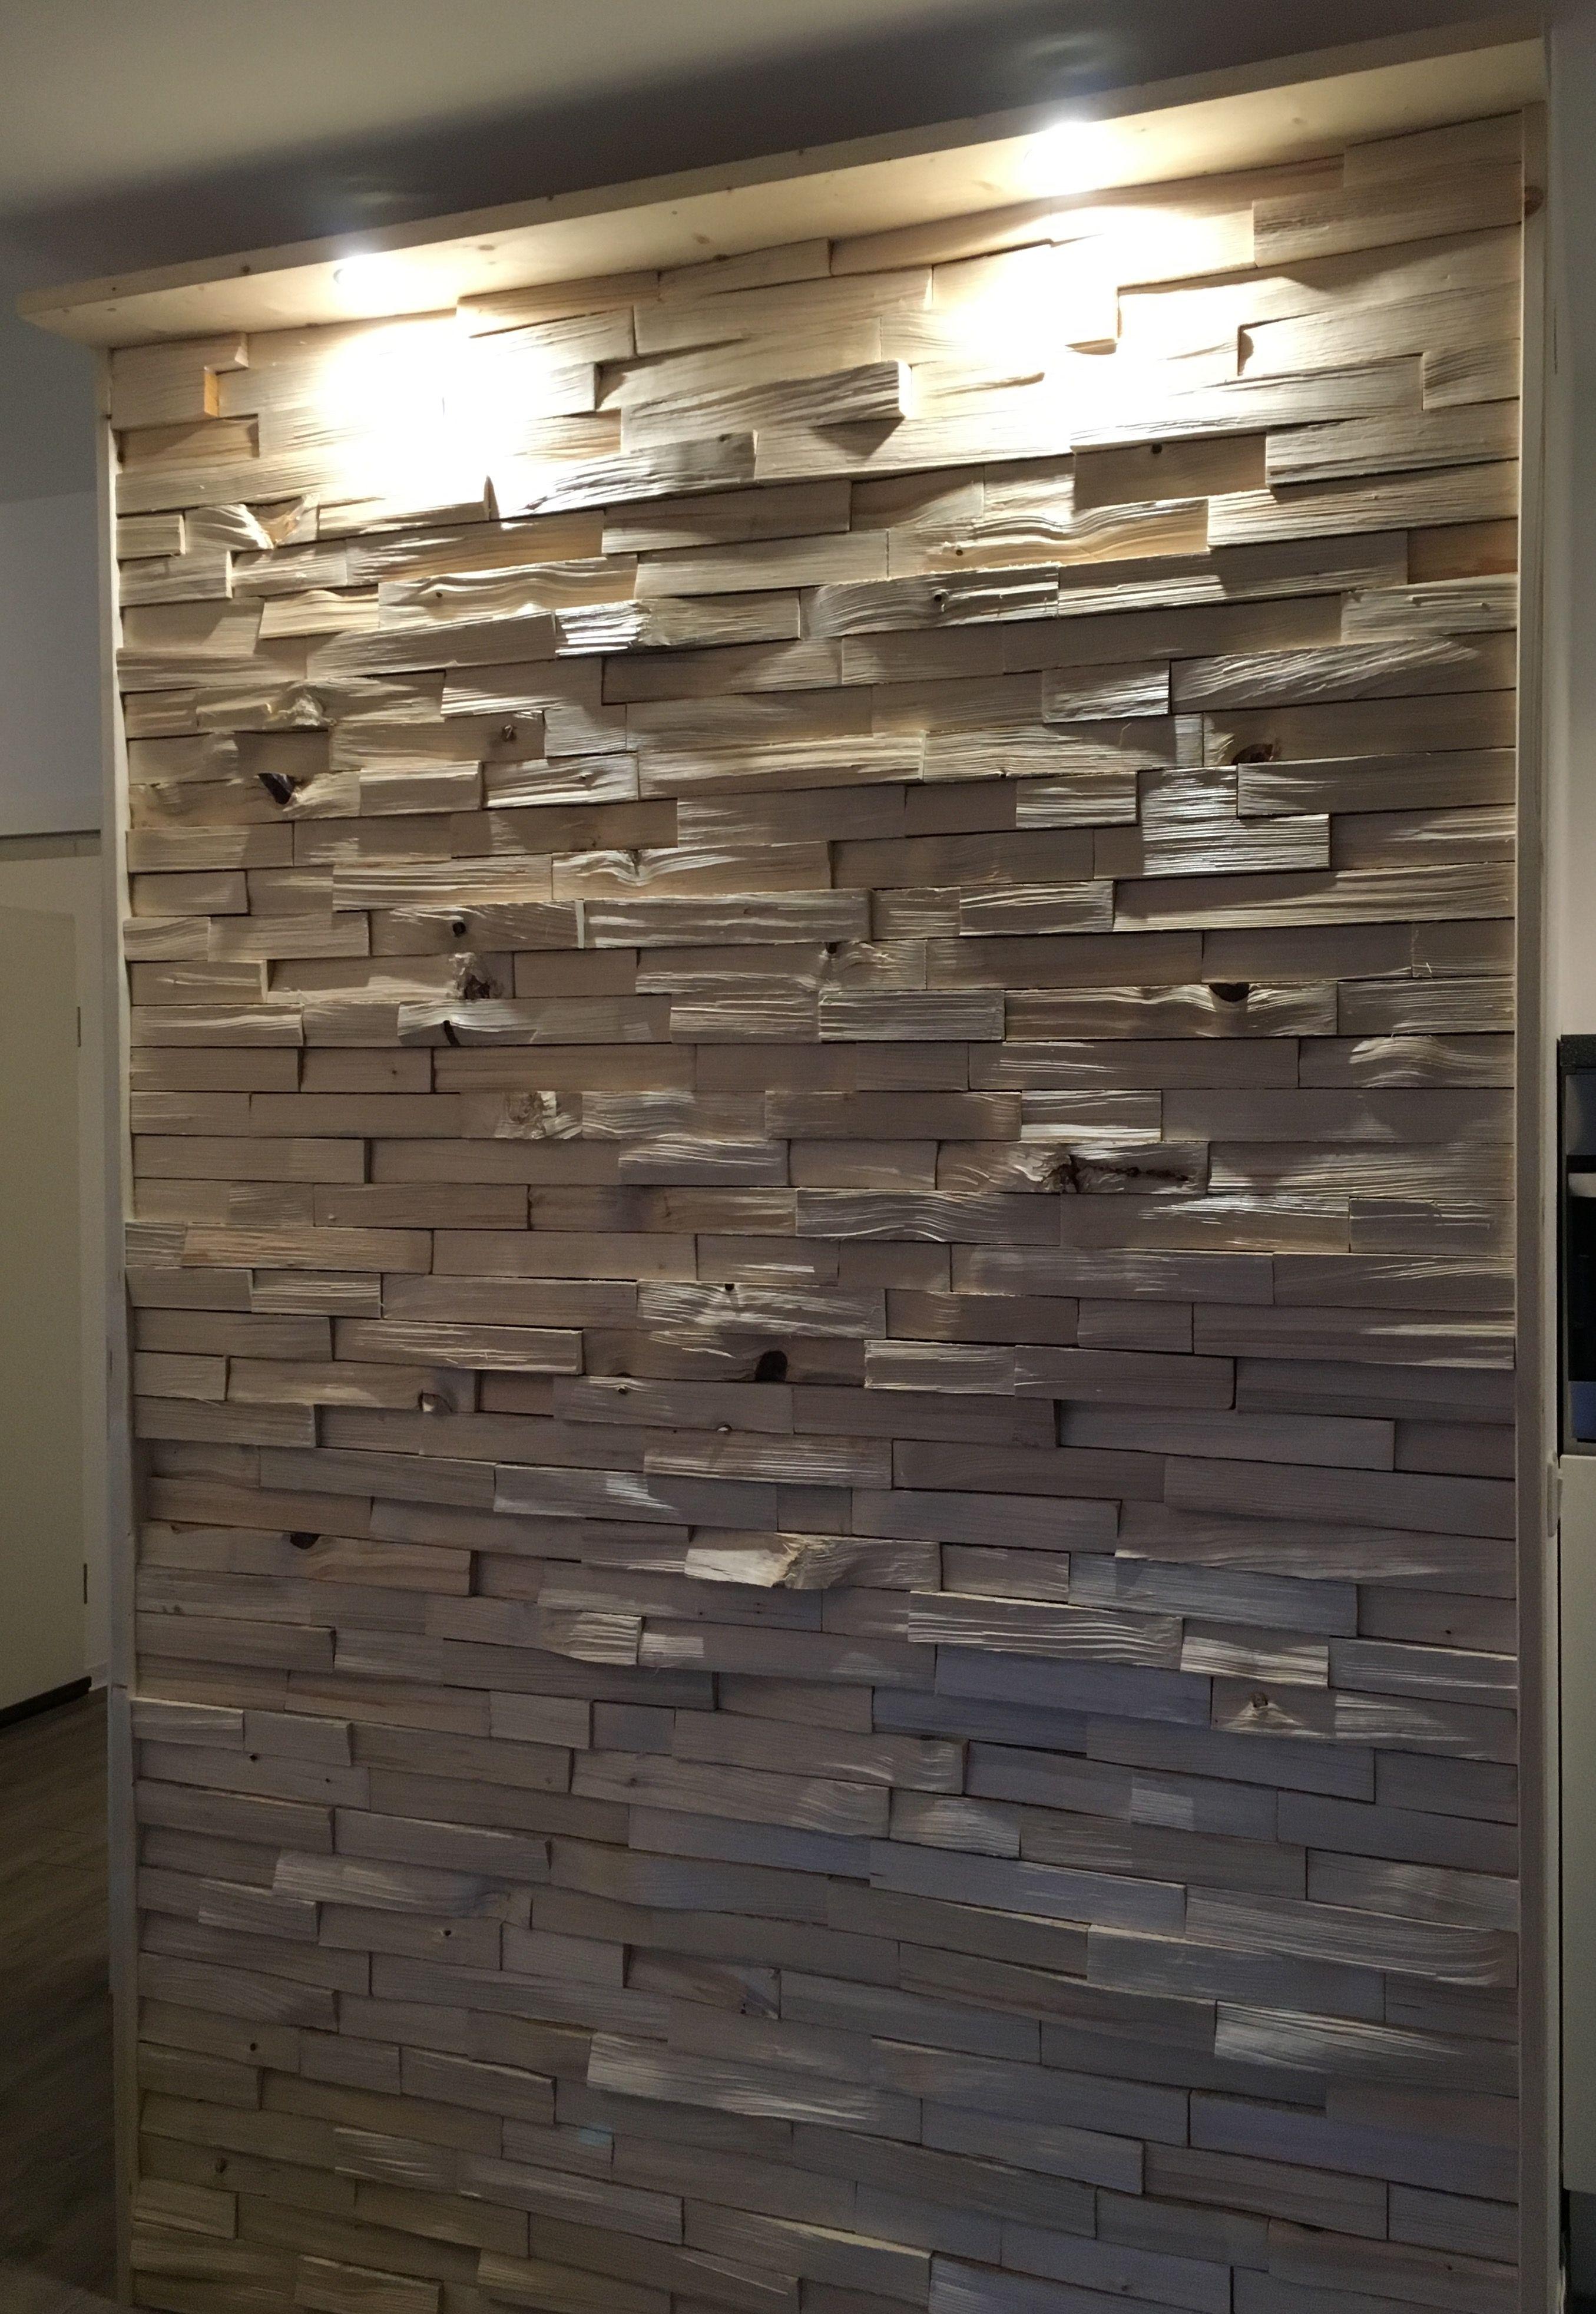 Holzwand Aus Gespaltenen Holzscheiten Mit Led Beleuchtung Holzwand Beleuchtungsideen Led Beleuchtung